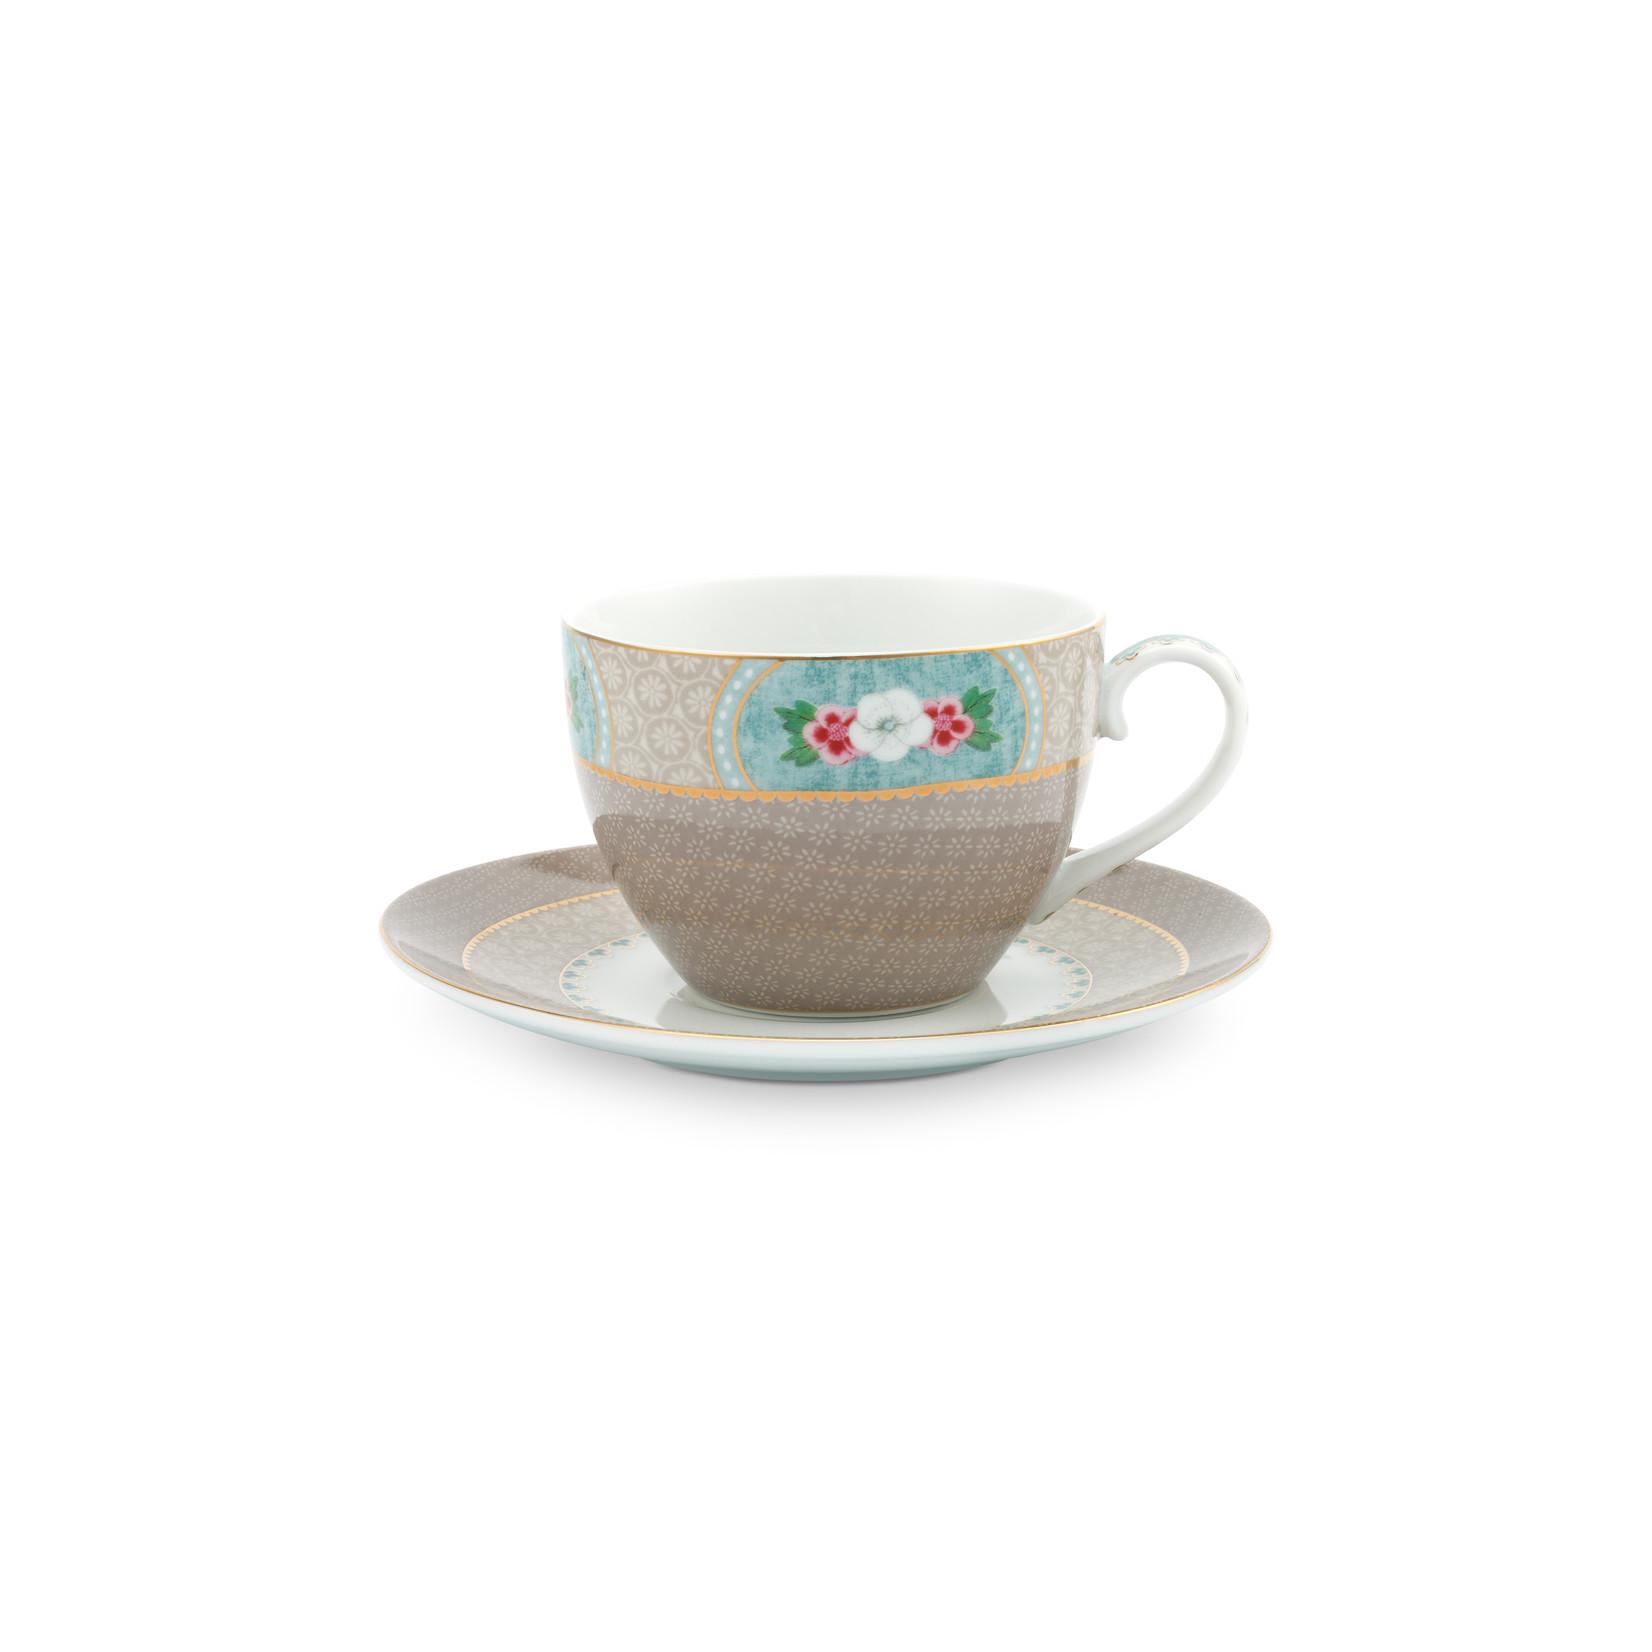 PIP Studio Cup & Saucer Blushing Birds Khaki 280ml